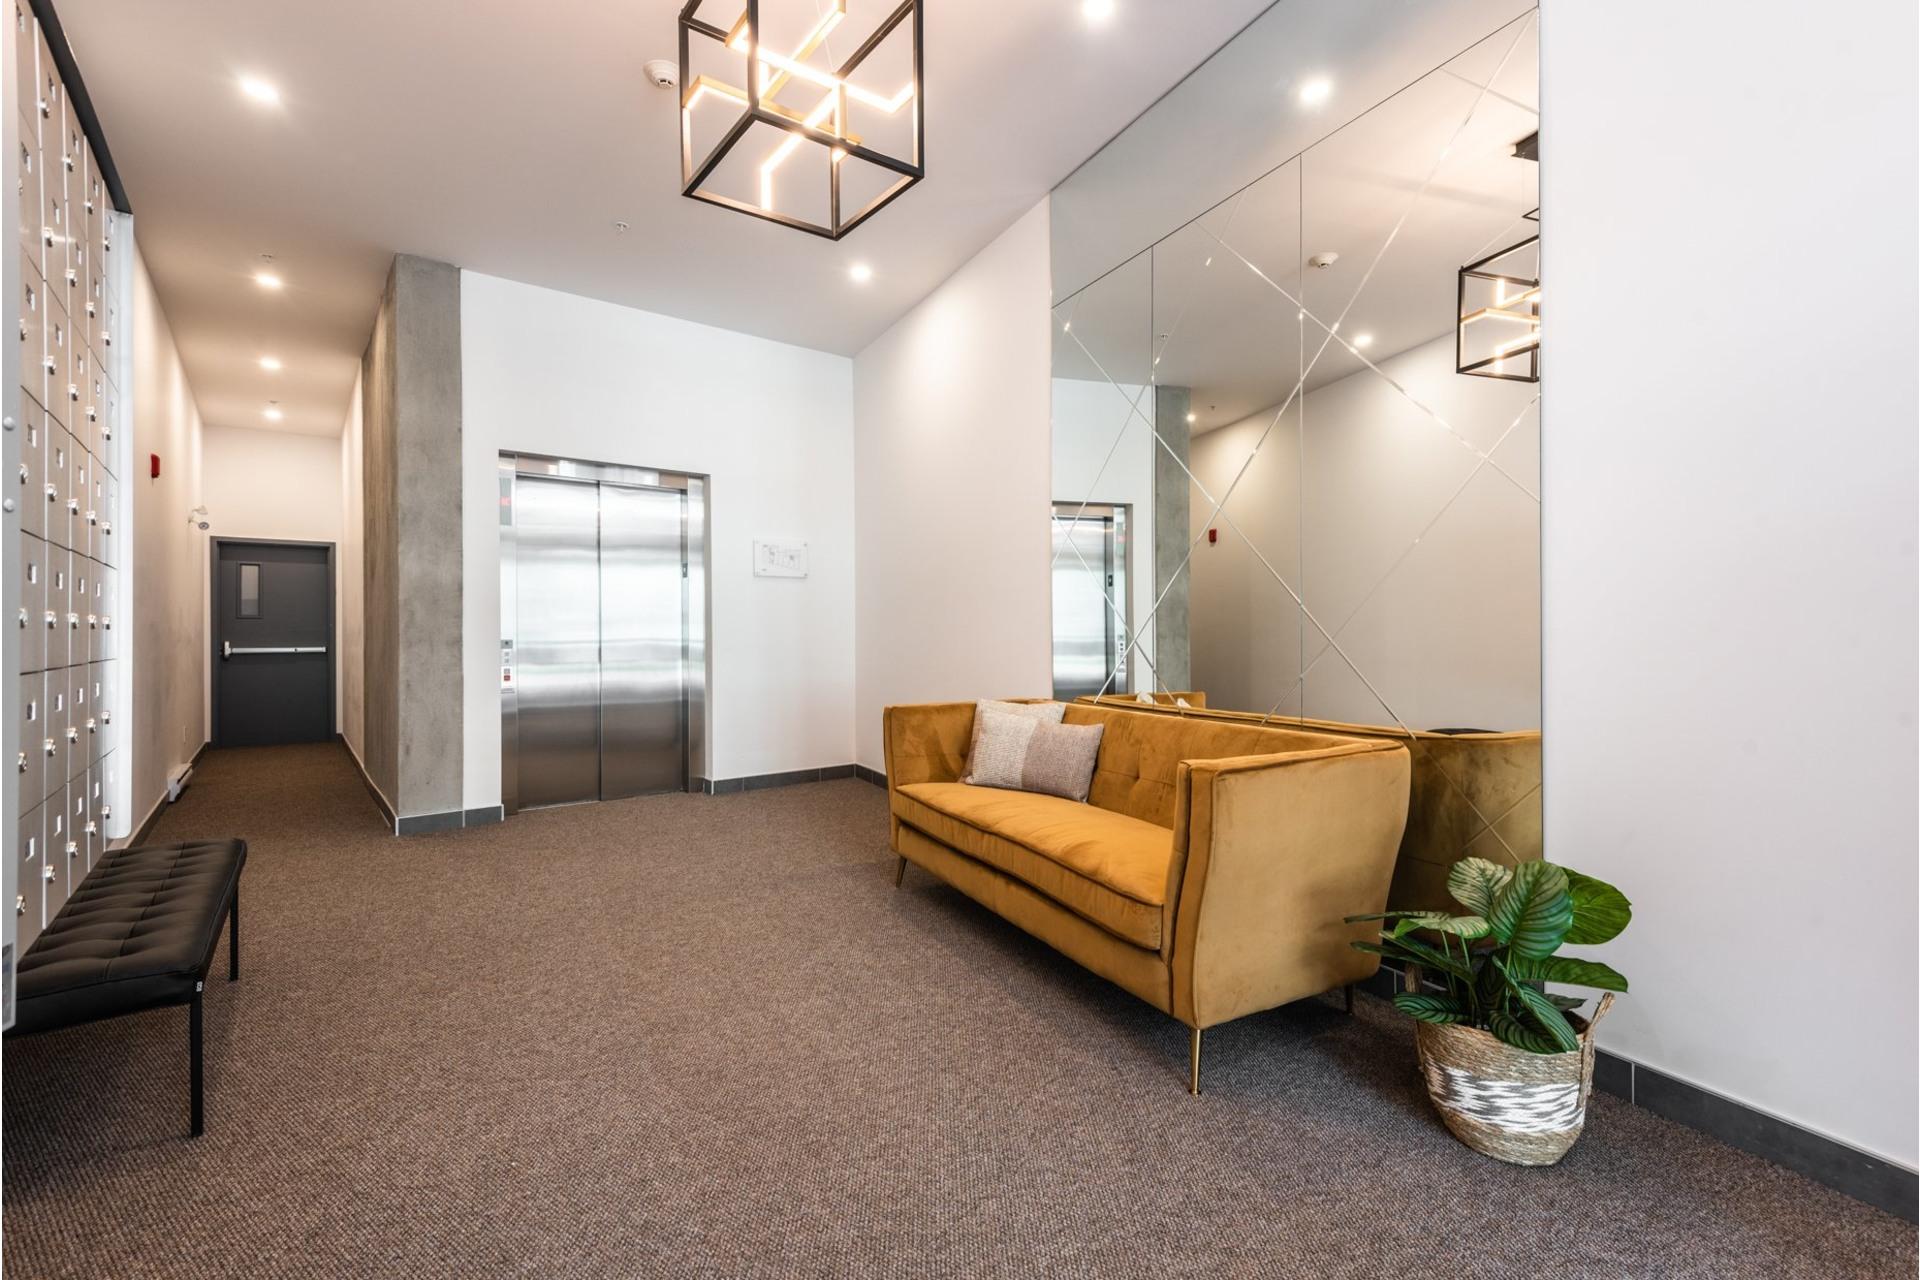 image 13 - Appartement À vendre Villeray/Saint-Michel/Parc-Extension Montréal  - 3 pièces